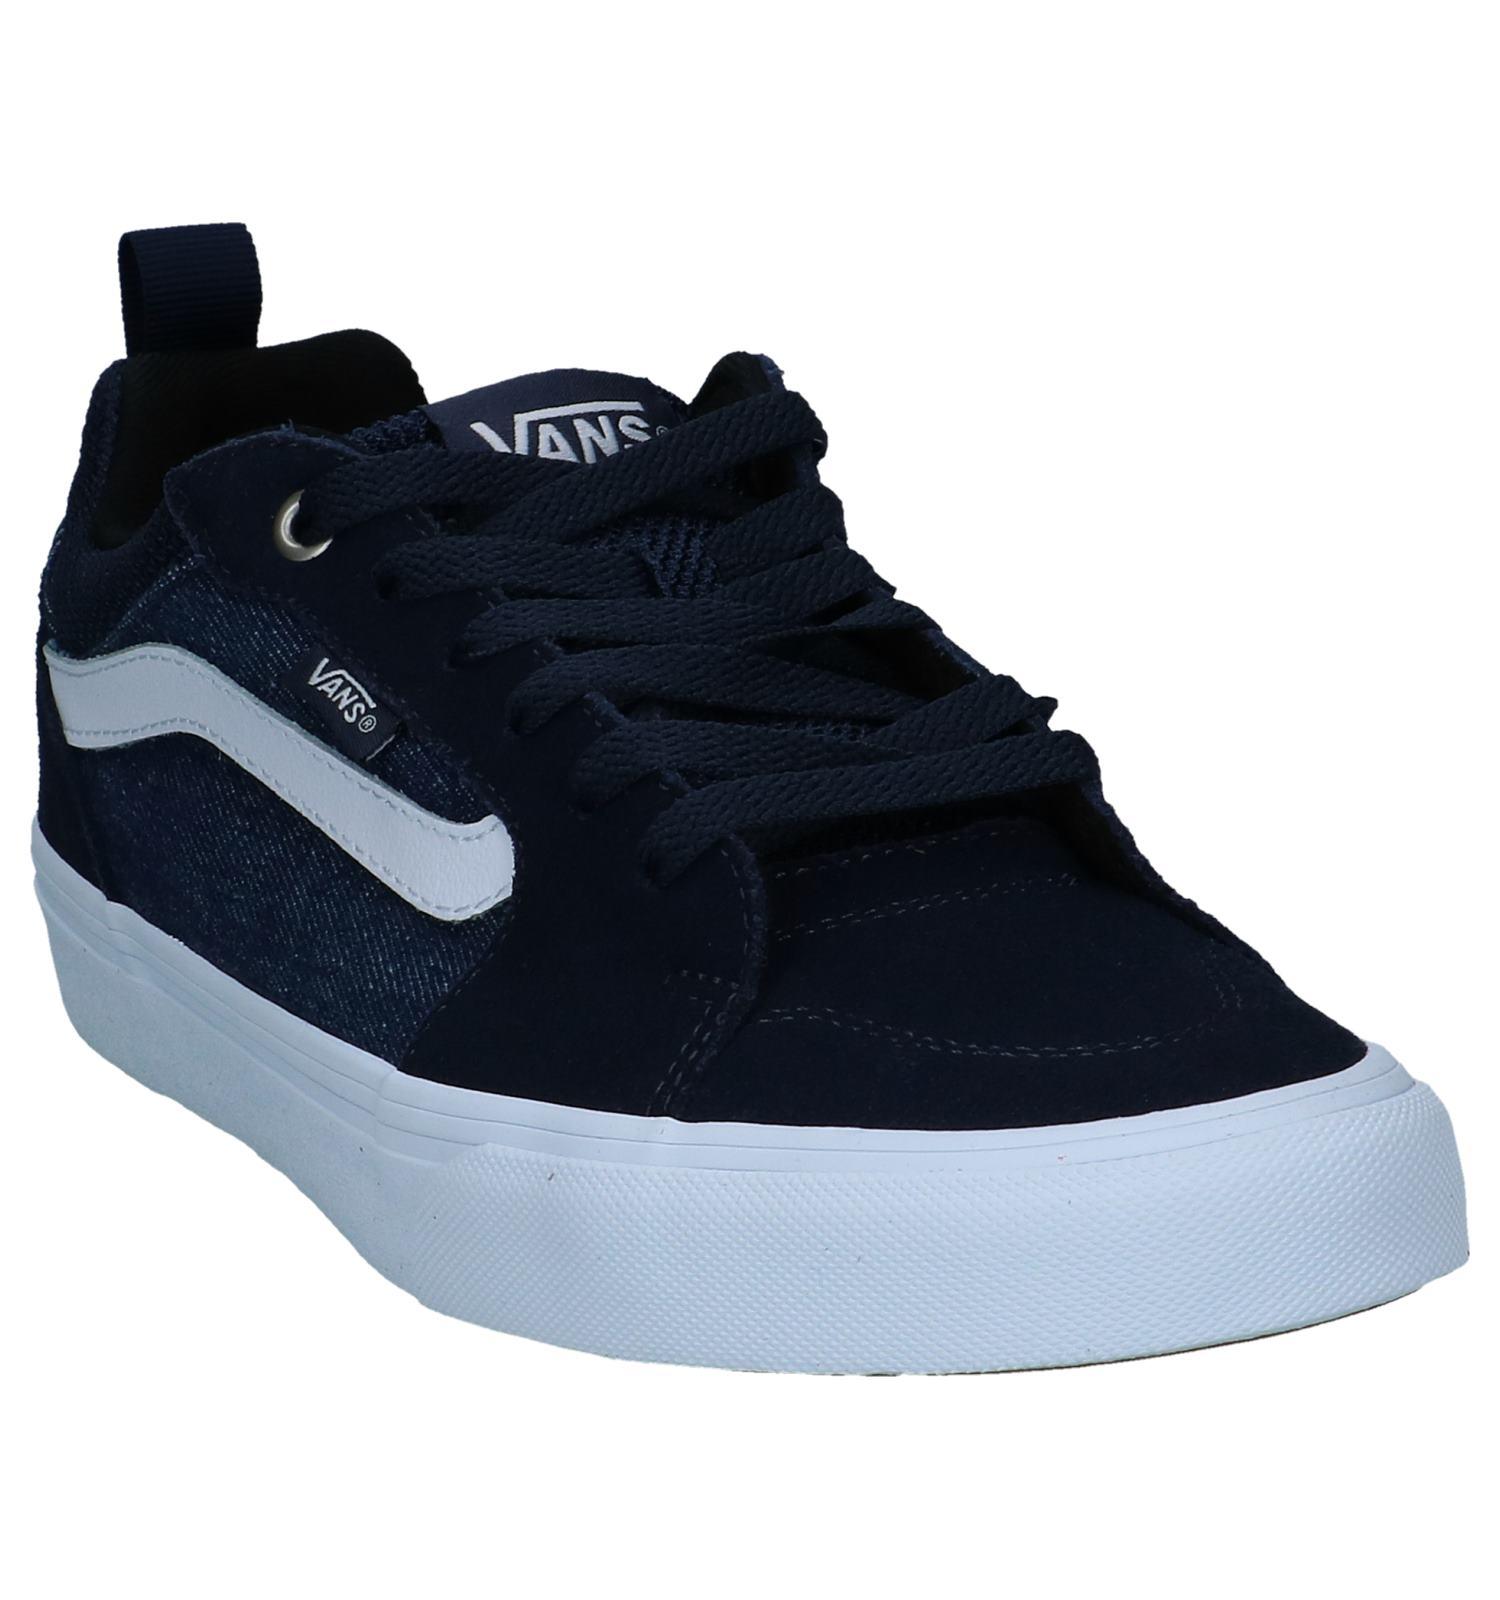 6ae0002d837dc6 Donker Blauwe Lage Skateschoenen Vans Filmore